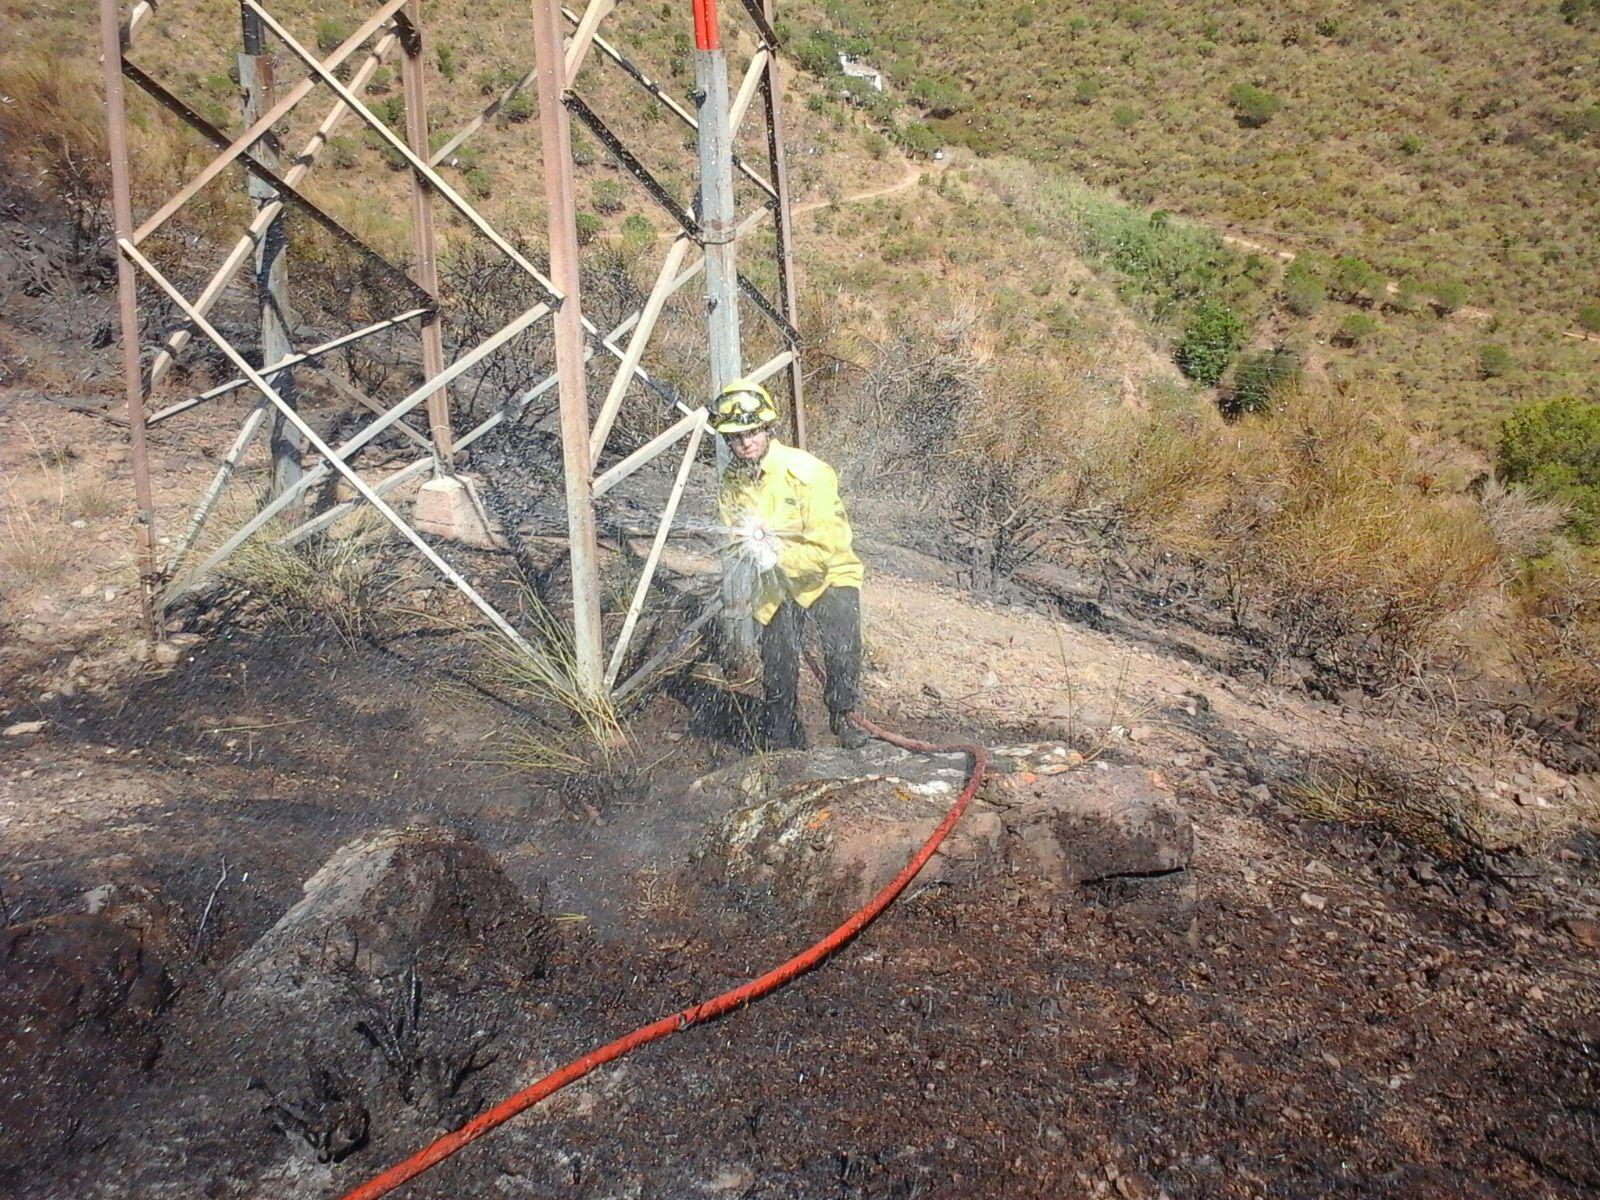 Un membre de l'ADF remullant la zona afectada // ADF Puigmadrona-Olorda